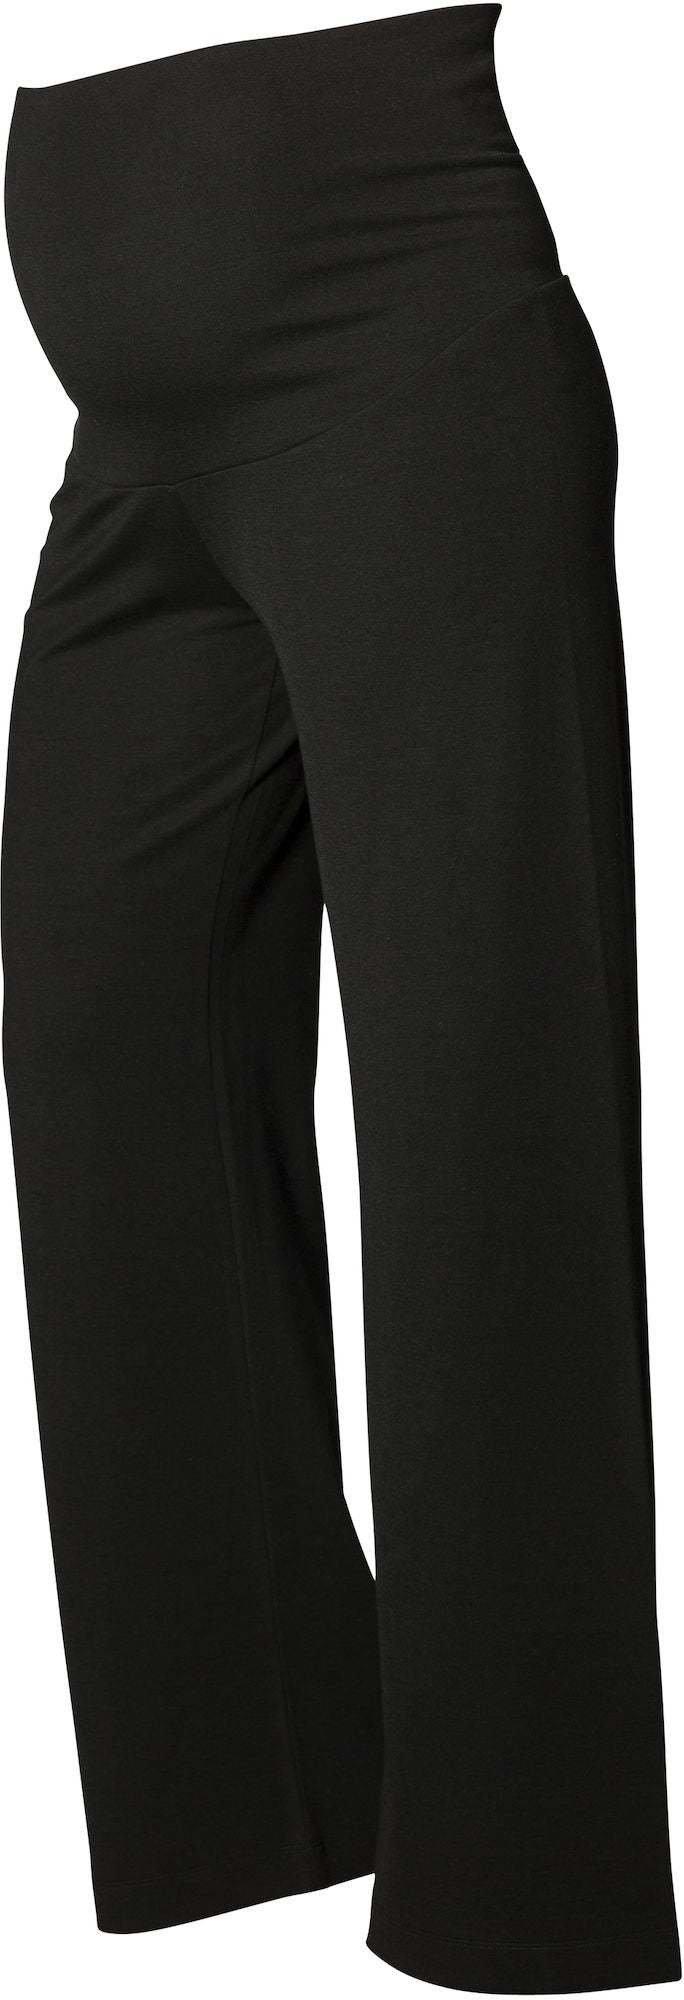 Kjøp Boob OONO Flared Bukse, Camel | Jollyroom